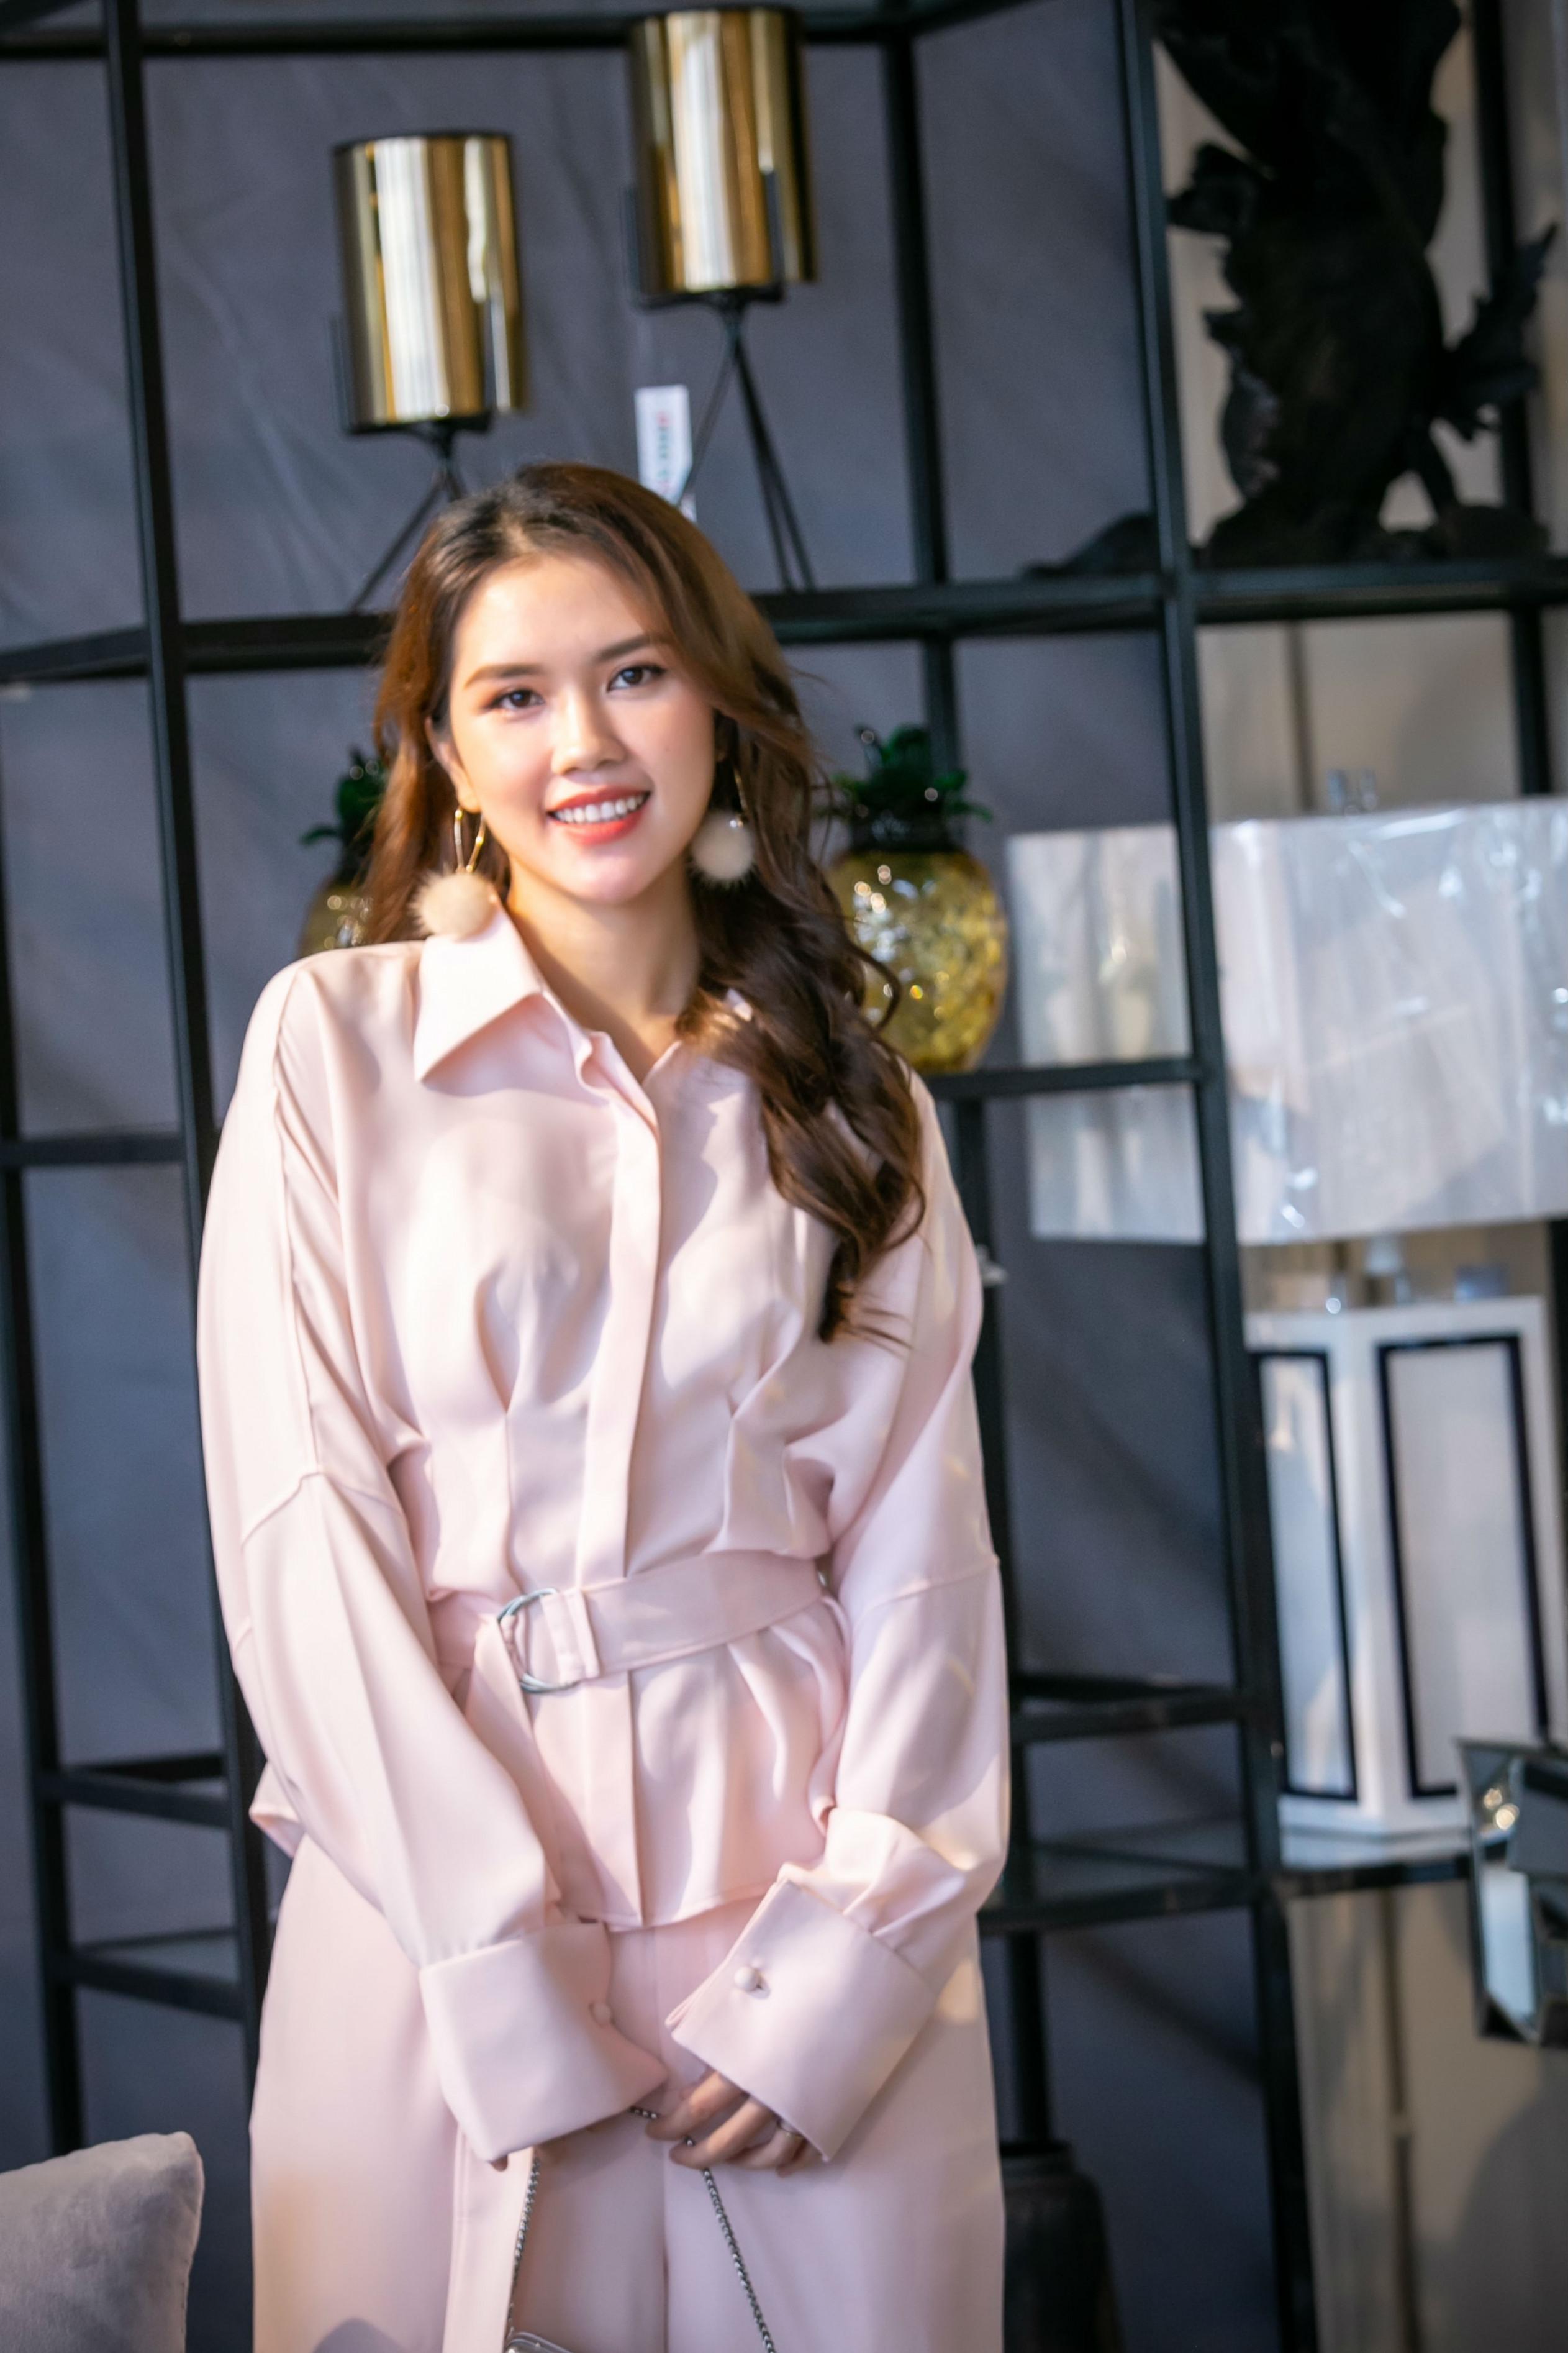 Người đẹp Thùy Dương - Top 10 Hoa hậu Việt Nam 2010, vợ của diễn viên Minh Tiệp.